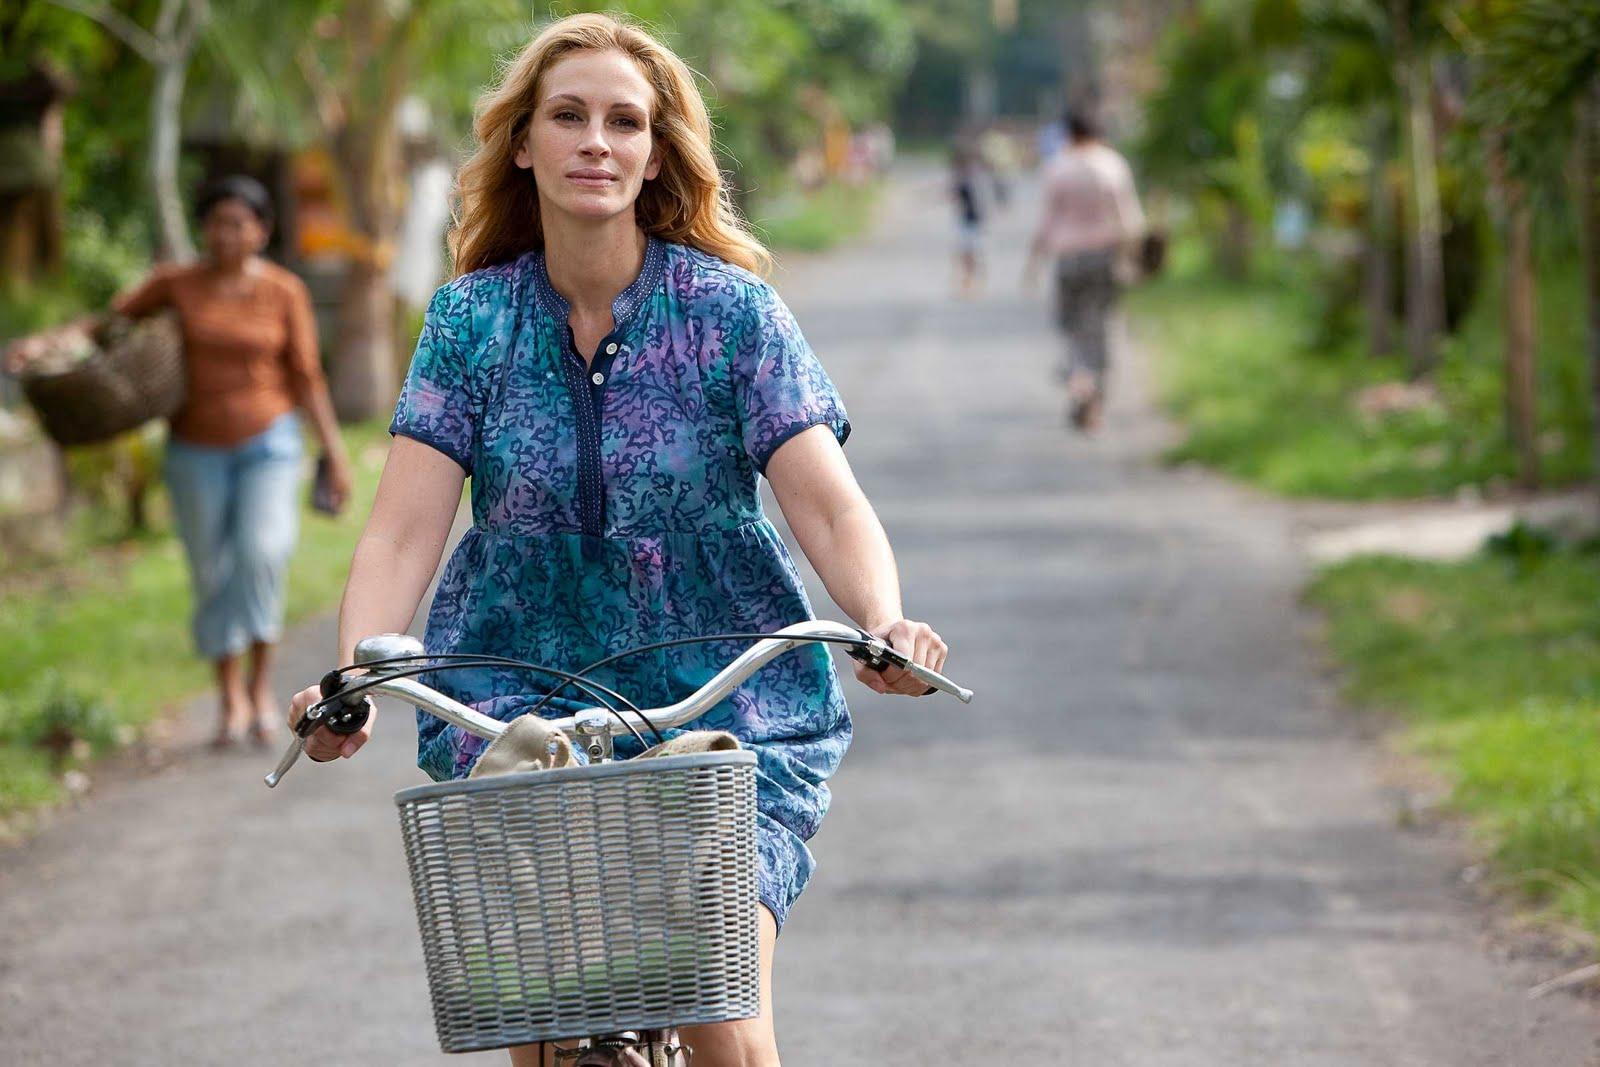 http://1.bp.blogspot.com/_mkHqJ3jLTCw/TJ-FEV9yWwI/AAAAAAAAF8I/uyF6V_kjPJQ/s1600/julia-on-bike.jpg